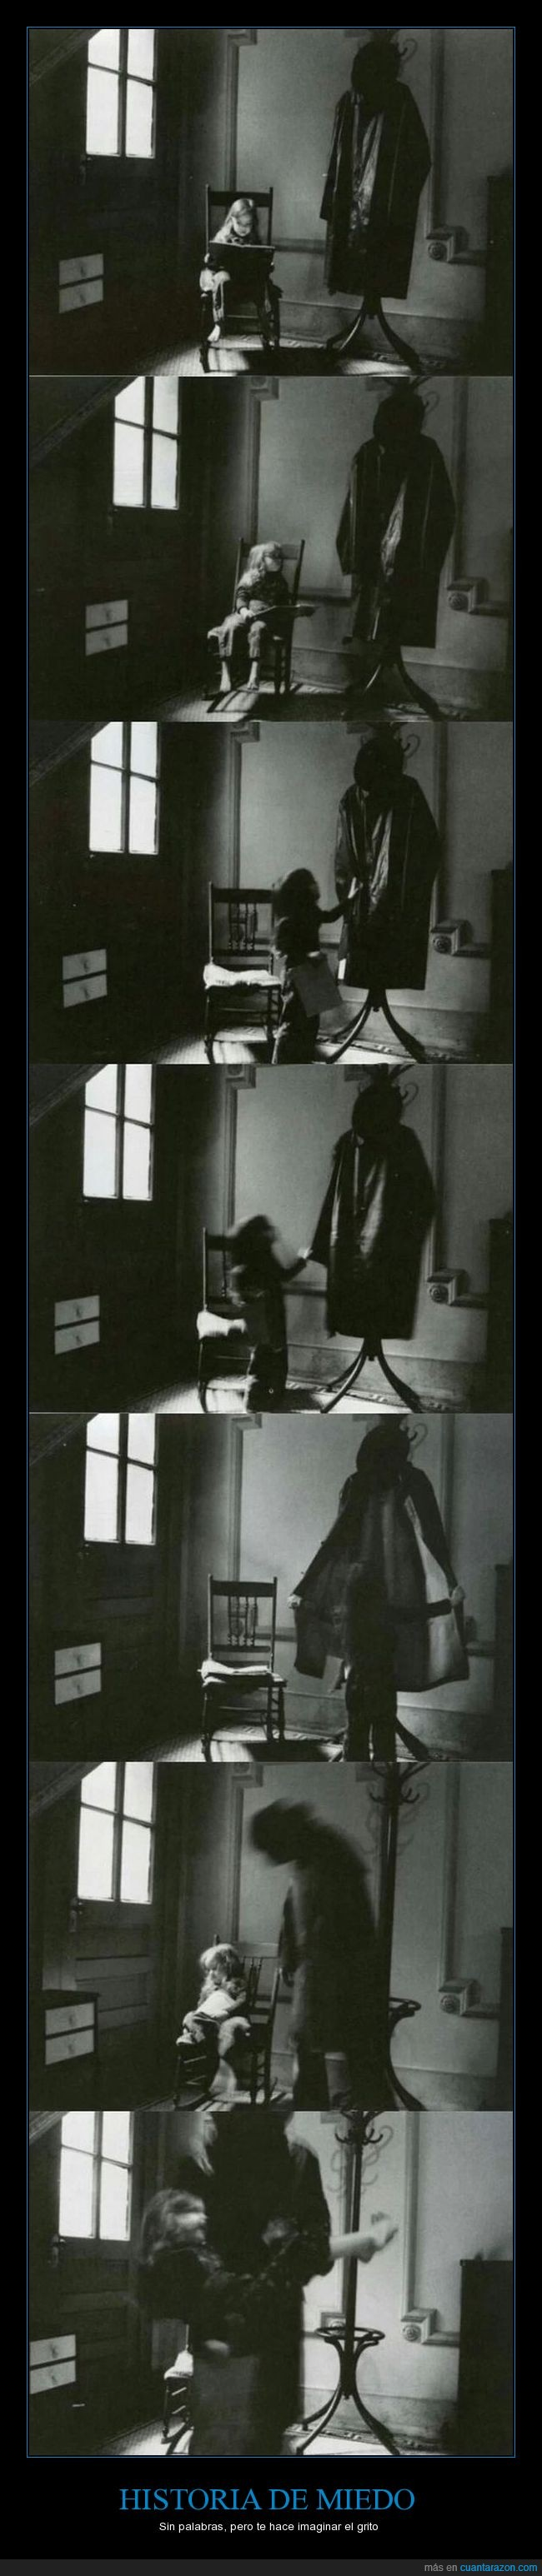 demonio,fantasma,grito,historia,miedo,monstruo,niña,susto